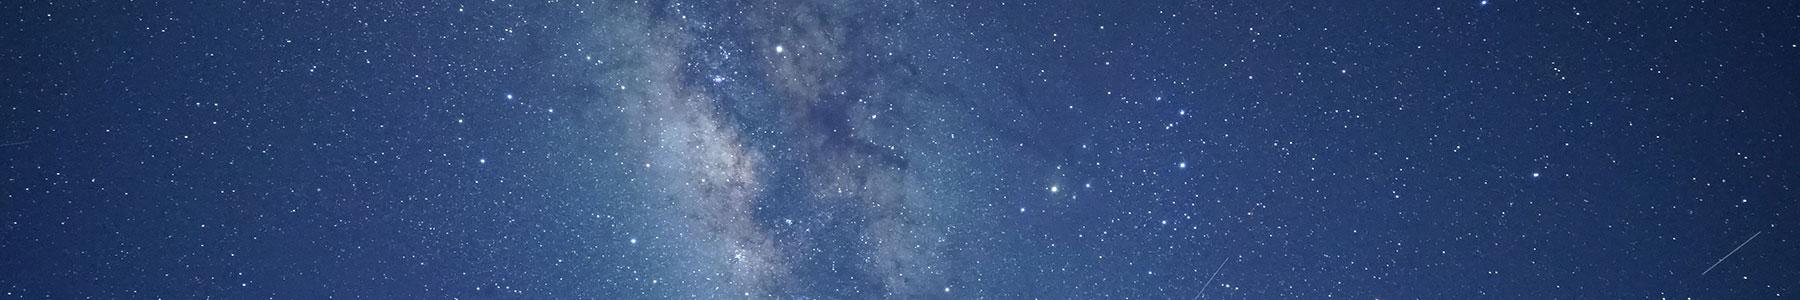 ハワイ島 宙の音 タイトル画像